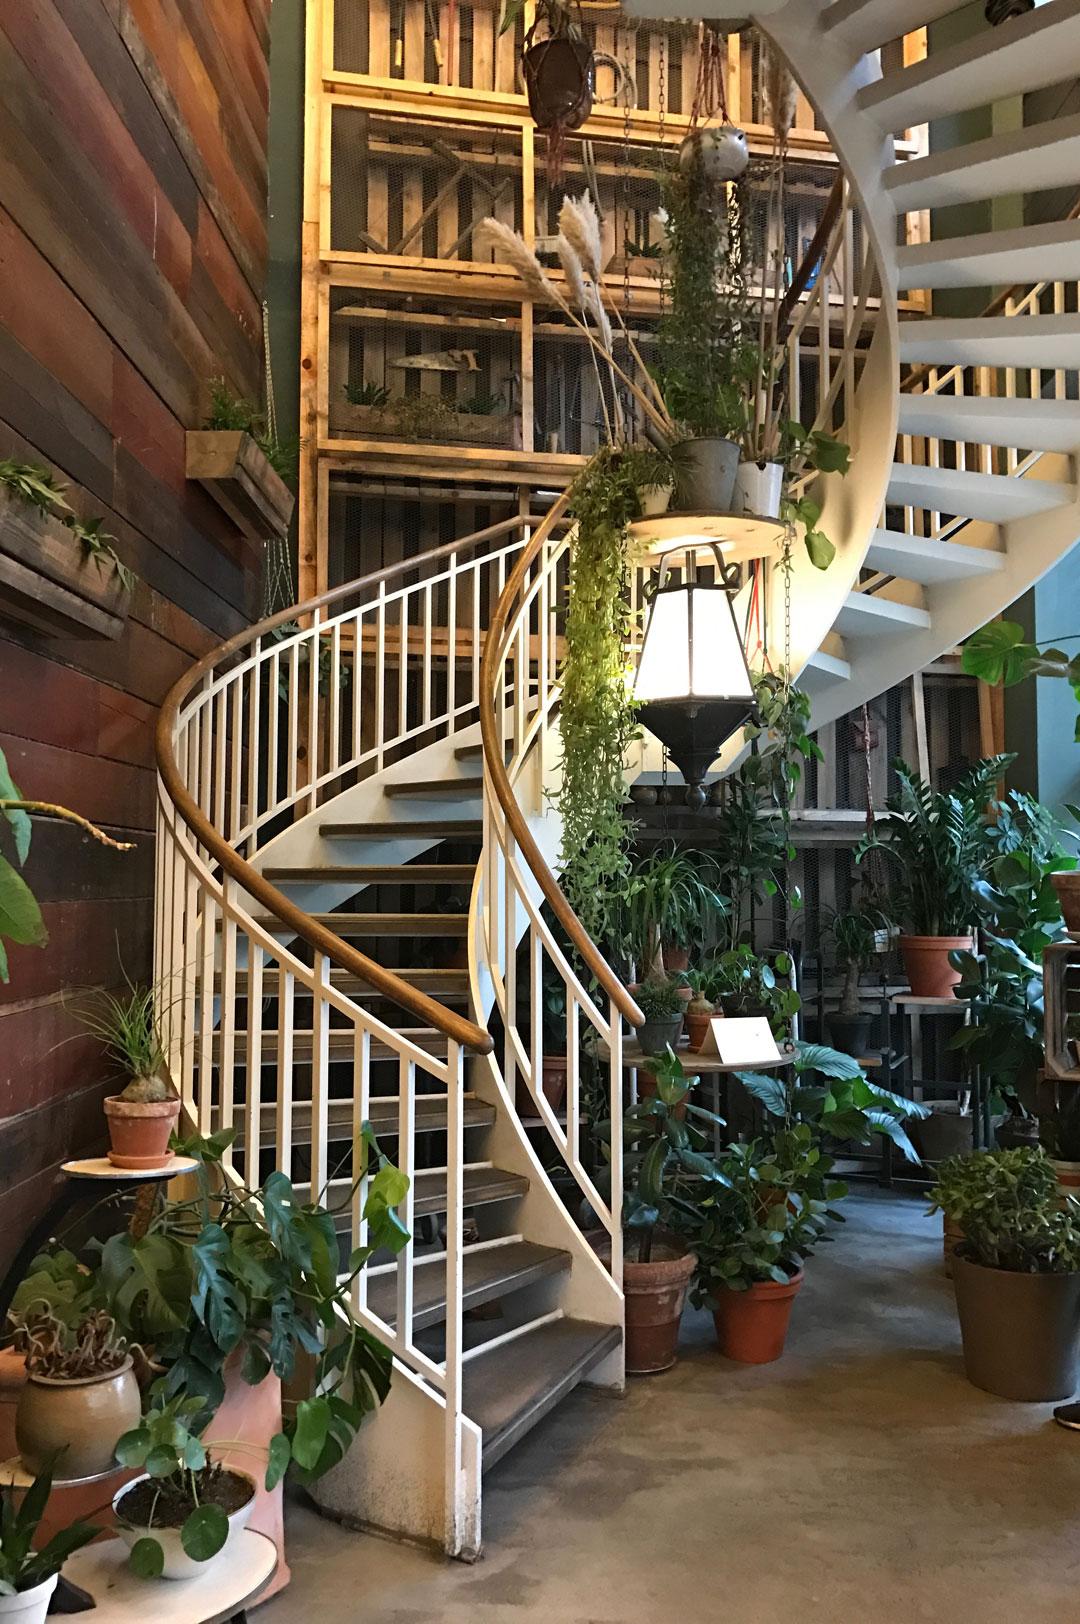 Mittagessen im House of Small Wonder in Berlin Mitte | www.dearlicious.com